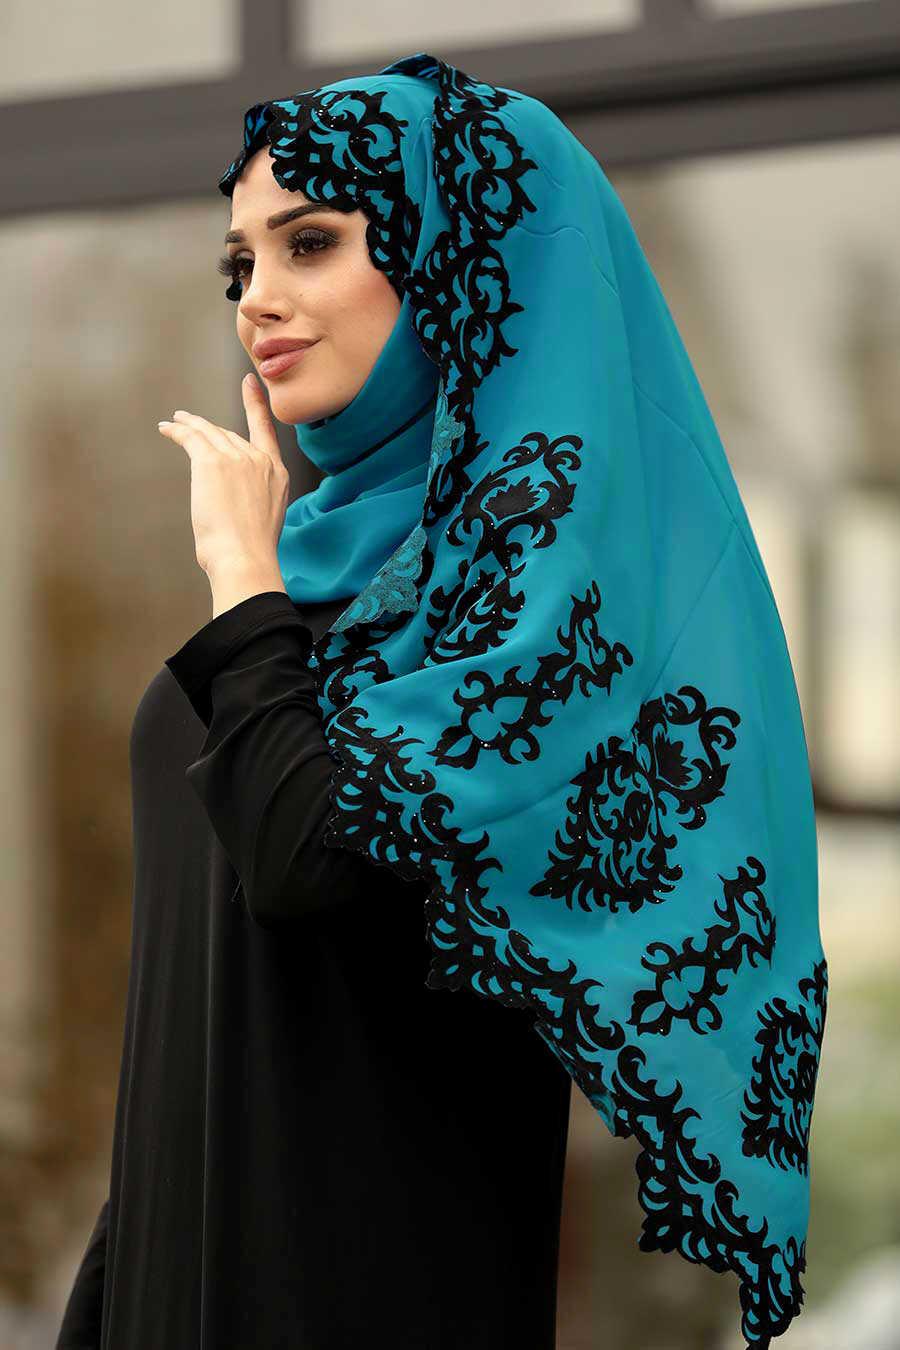 Petrol Blue Hijab Shawl 7493PM